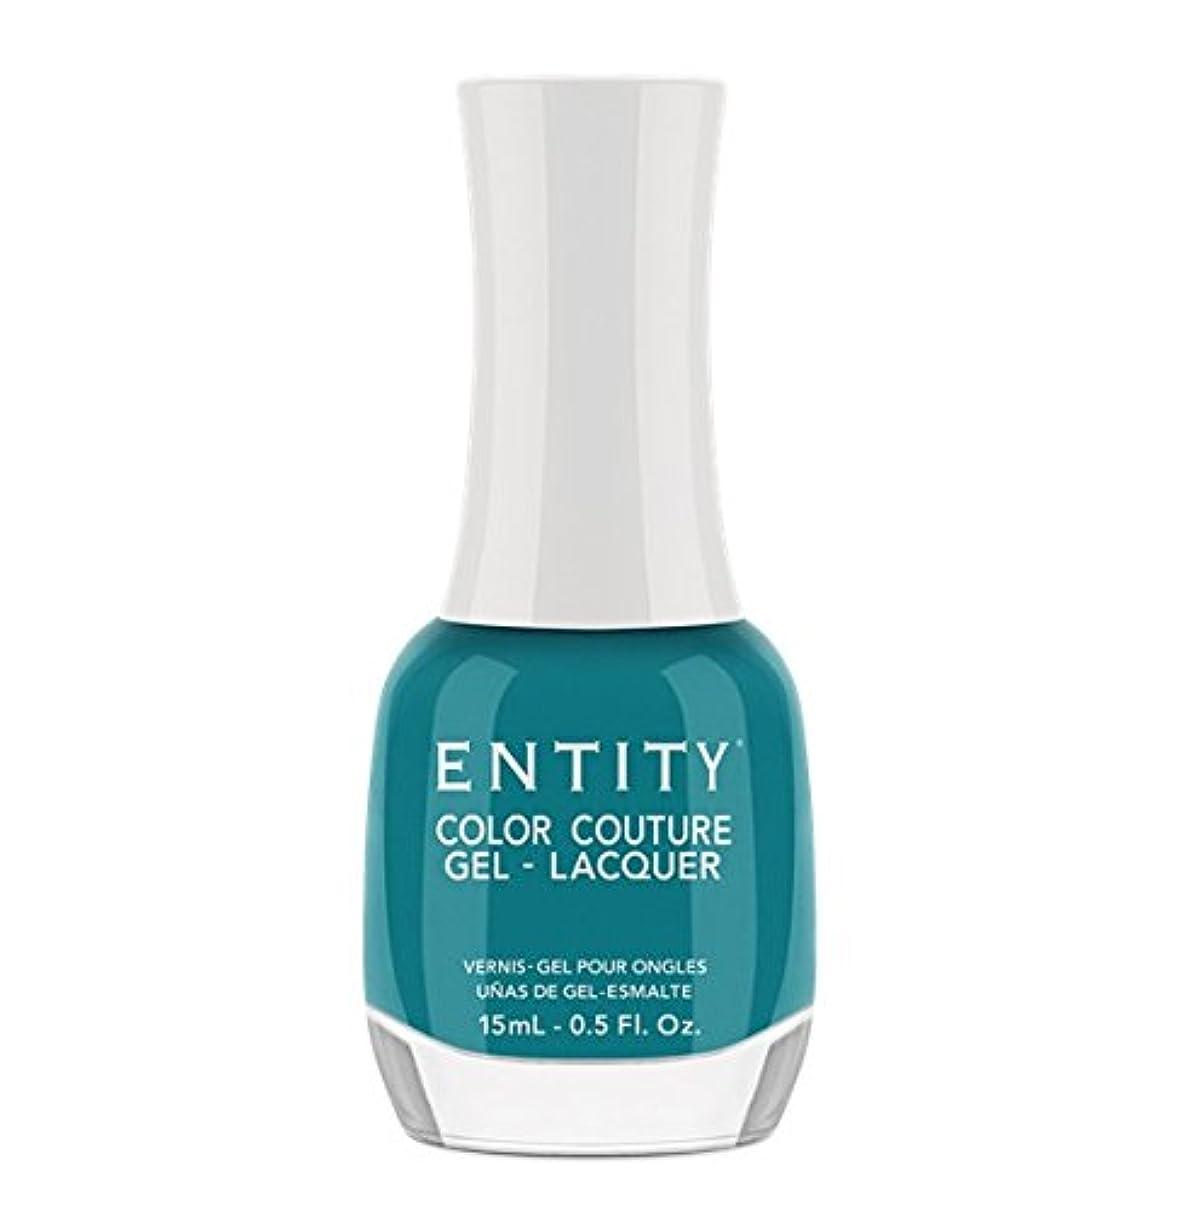 逃れる臭い分解するEntity Color Couture Gel-Lacquer - Wardrobe Wows - 15 ml/0.5 oz